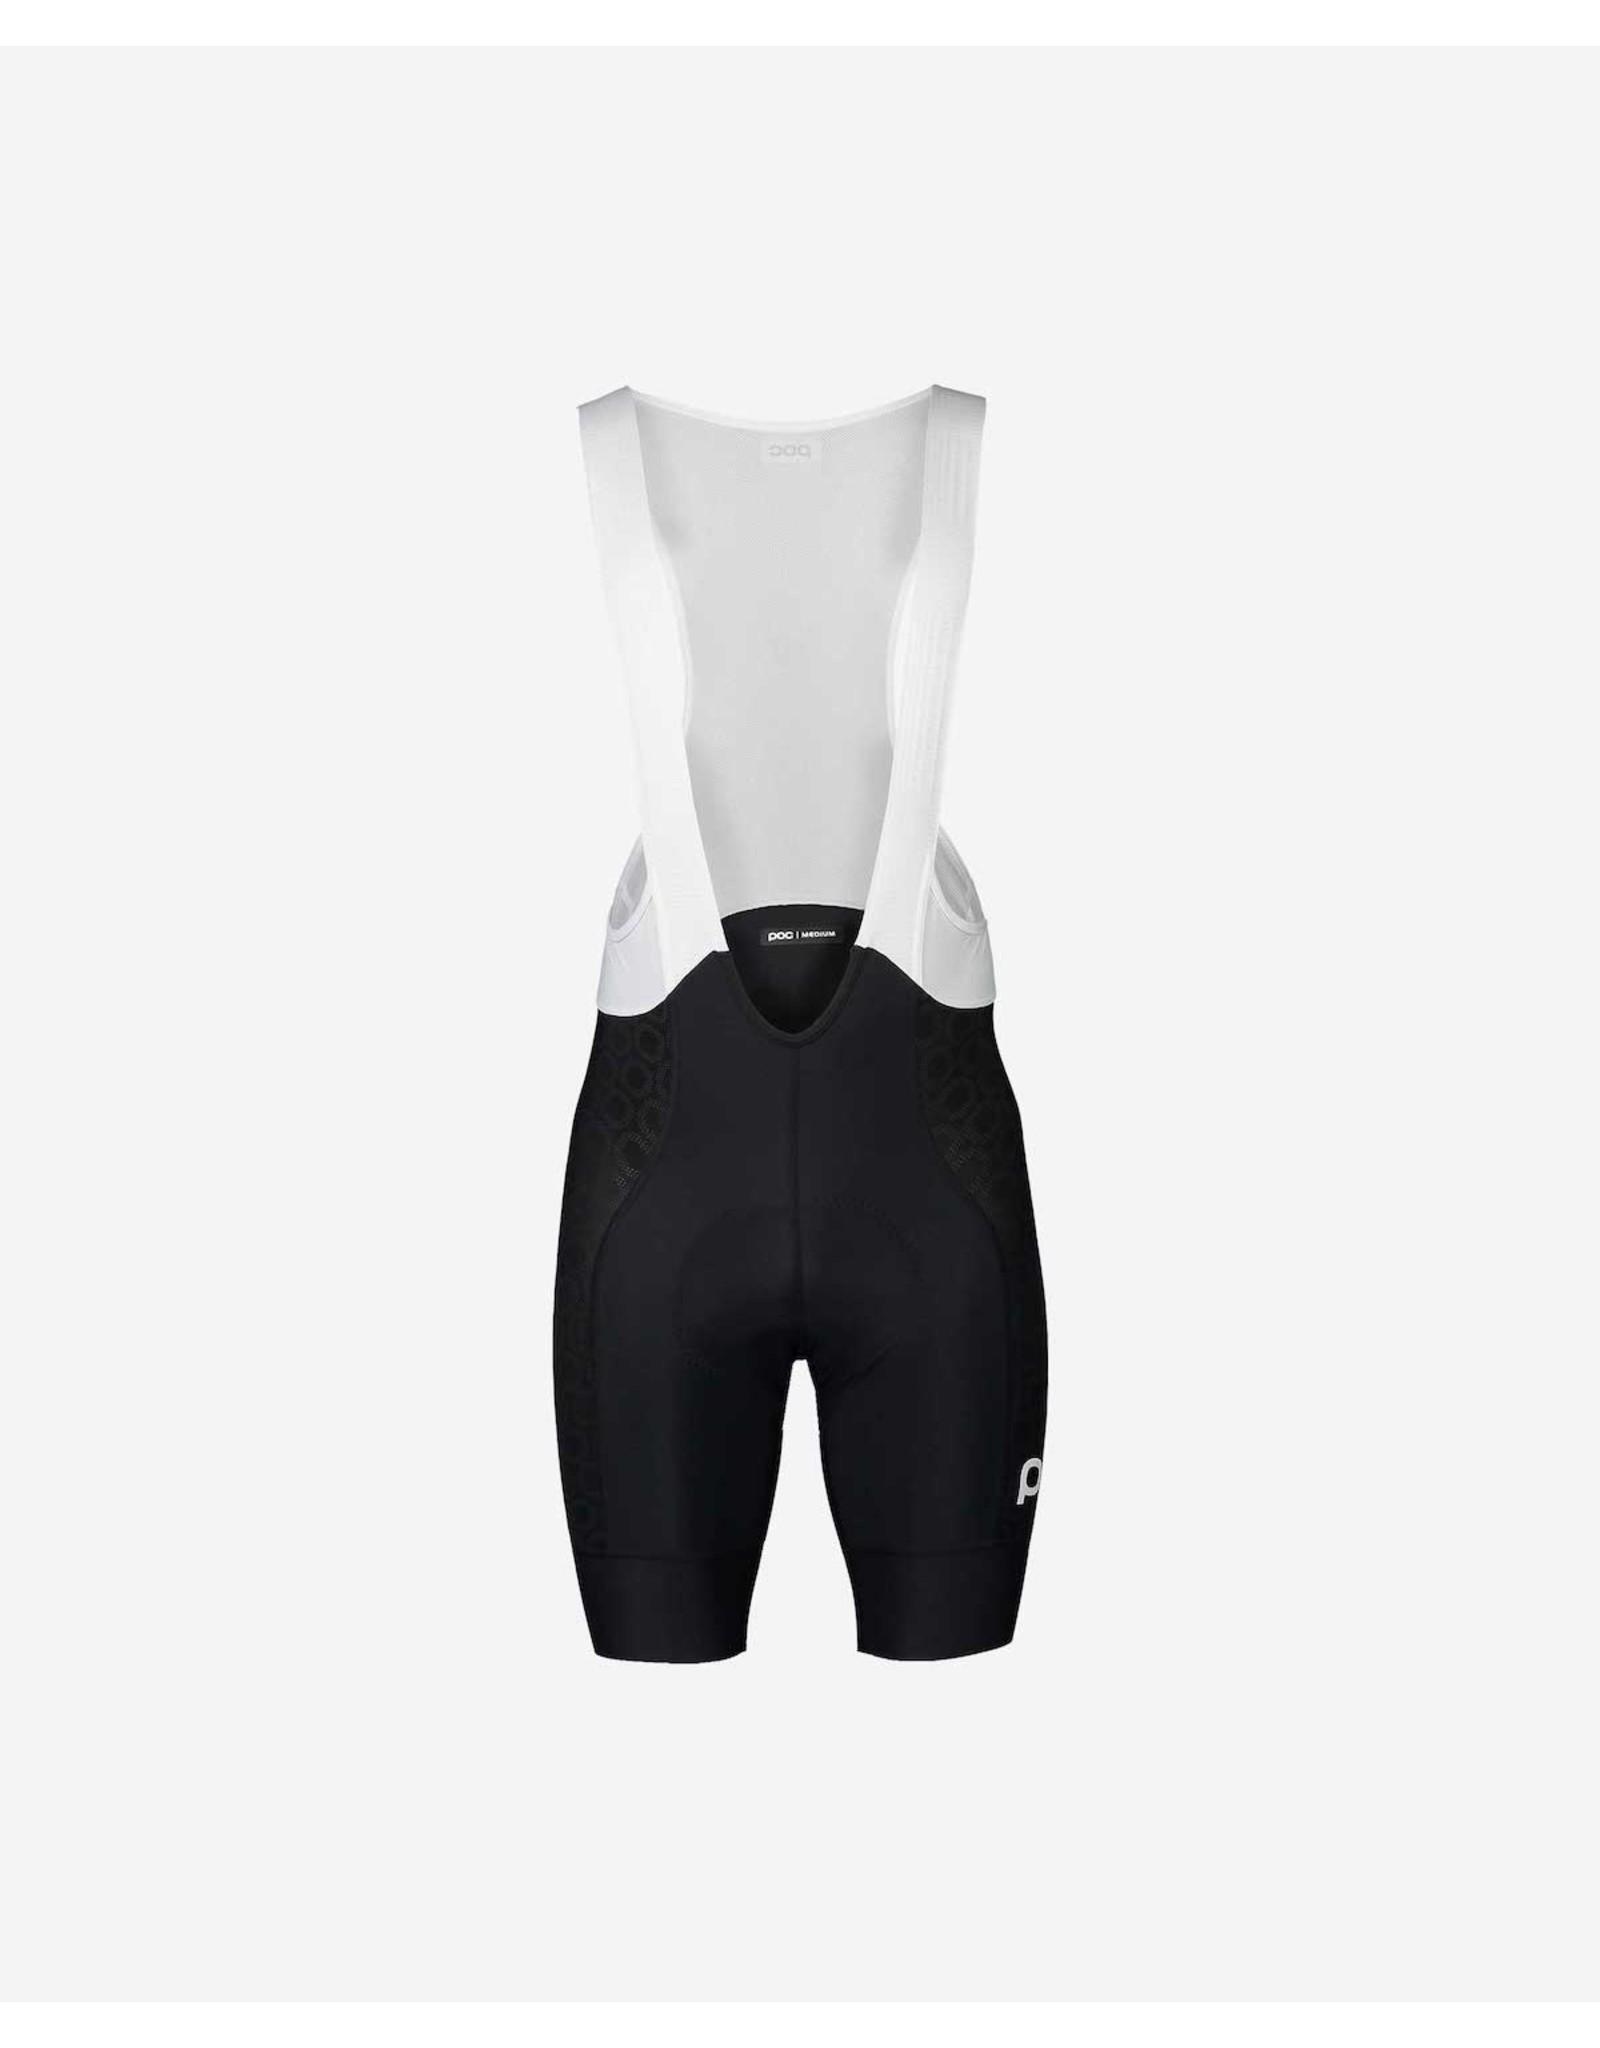 POC POC Ceramic VPDS Bib Shorts